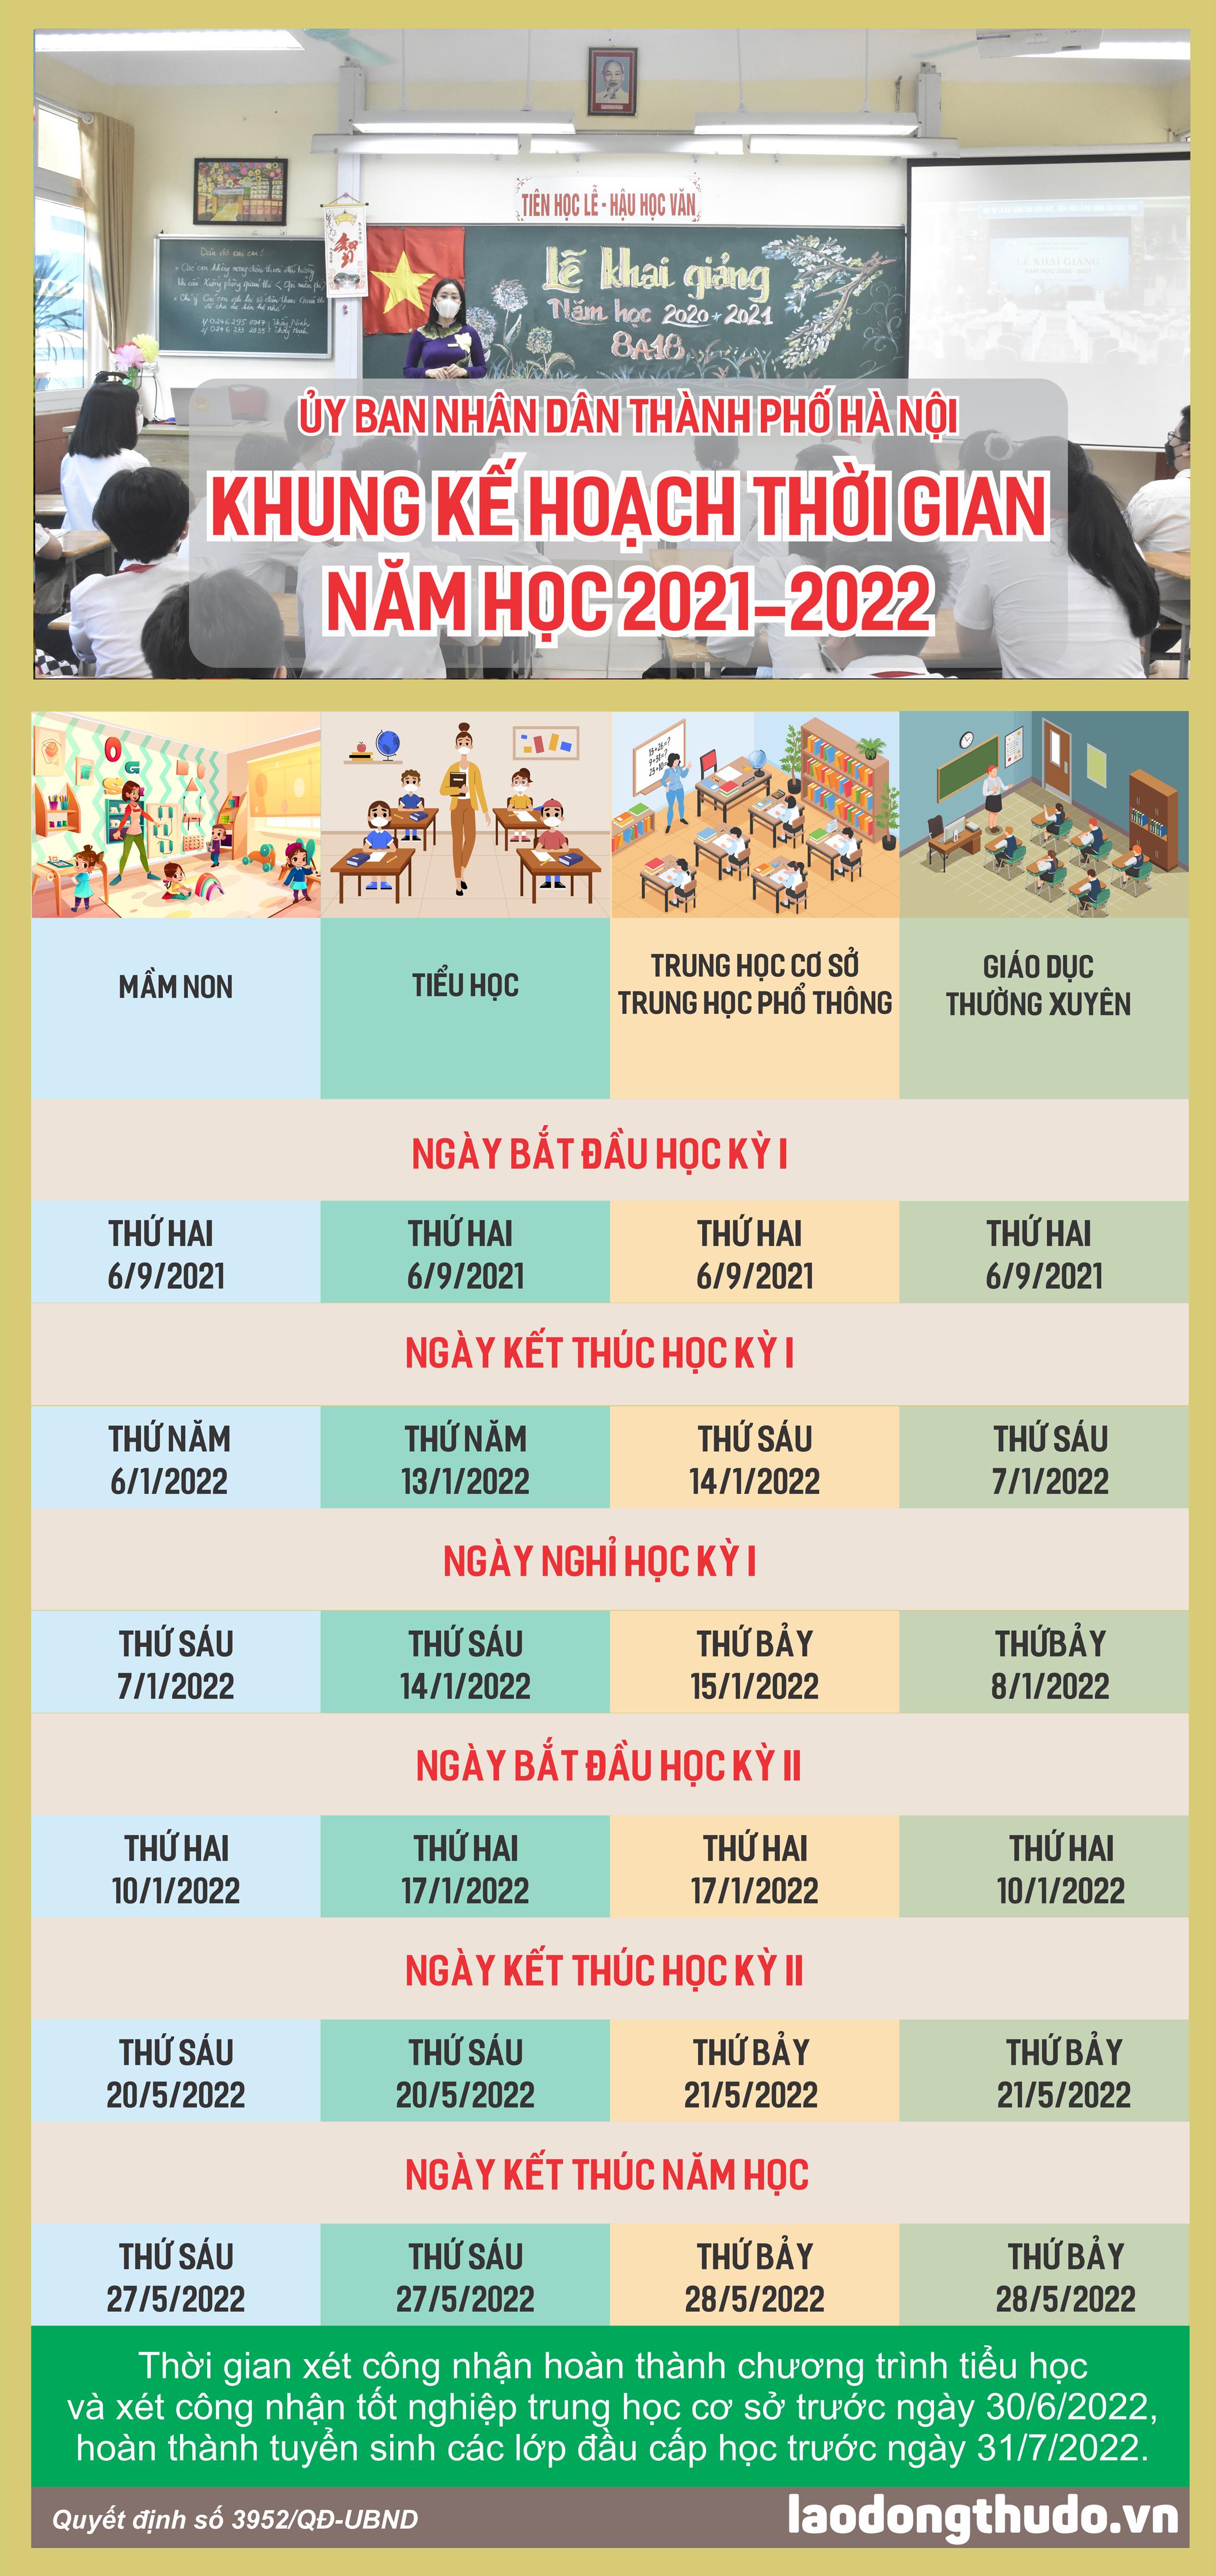 Infographic: Khung kế hoạch thời gian năm học 2021-2022 trên địa bàn Hà Nội